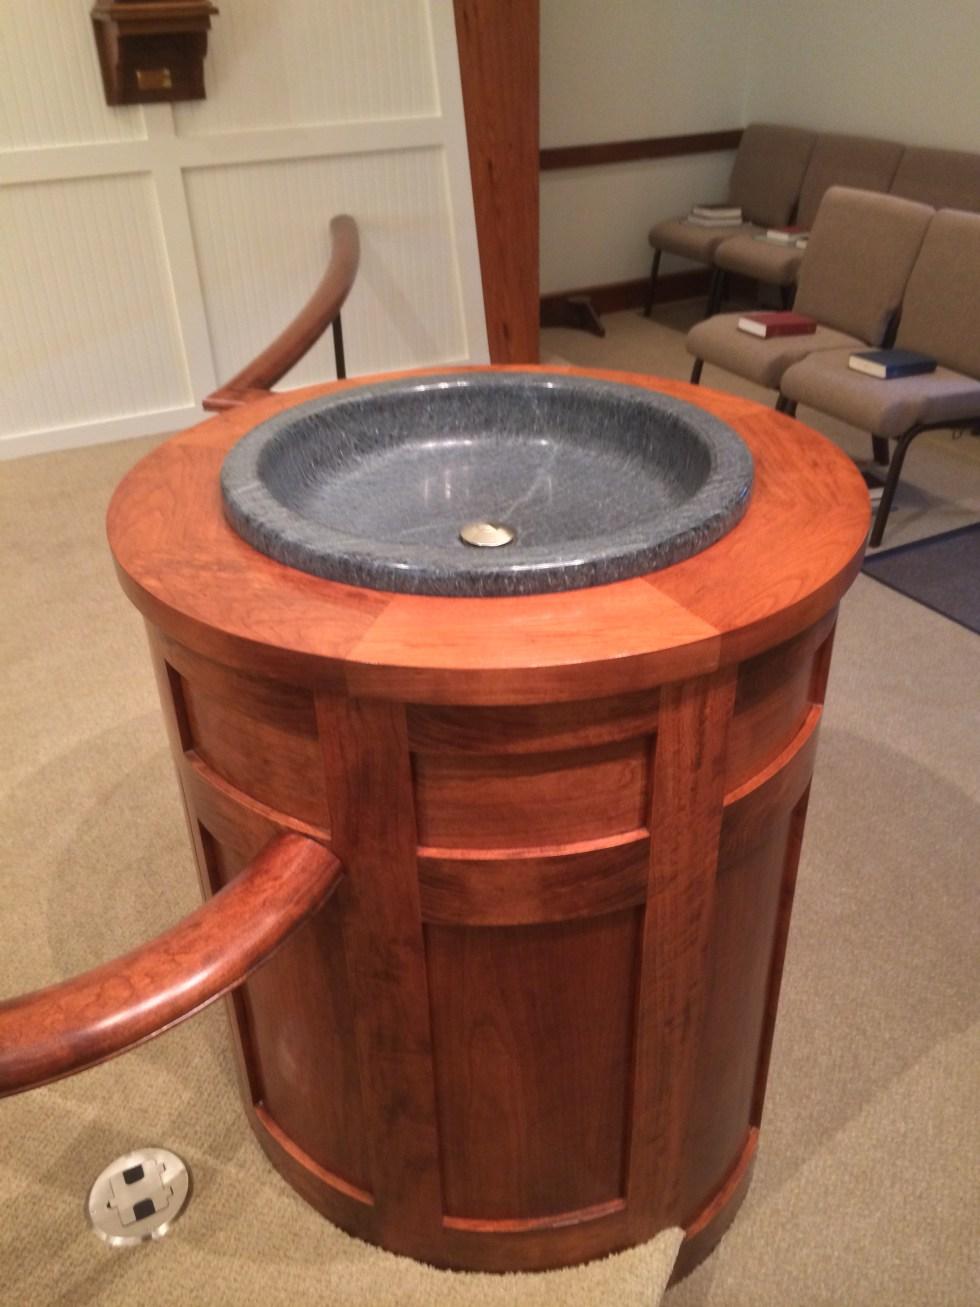 Baptismal Font installed